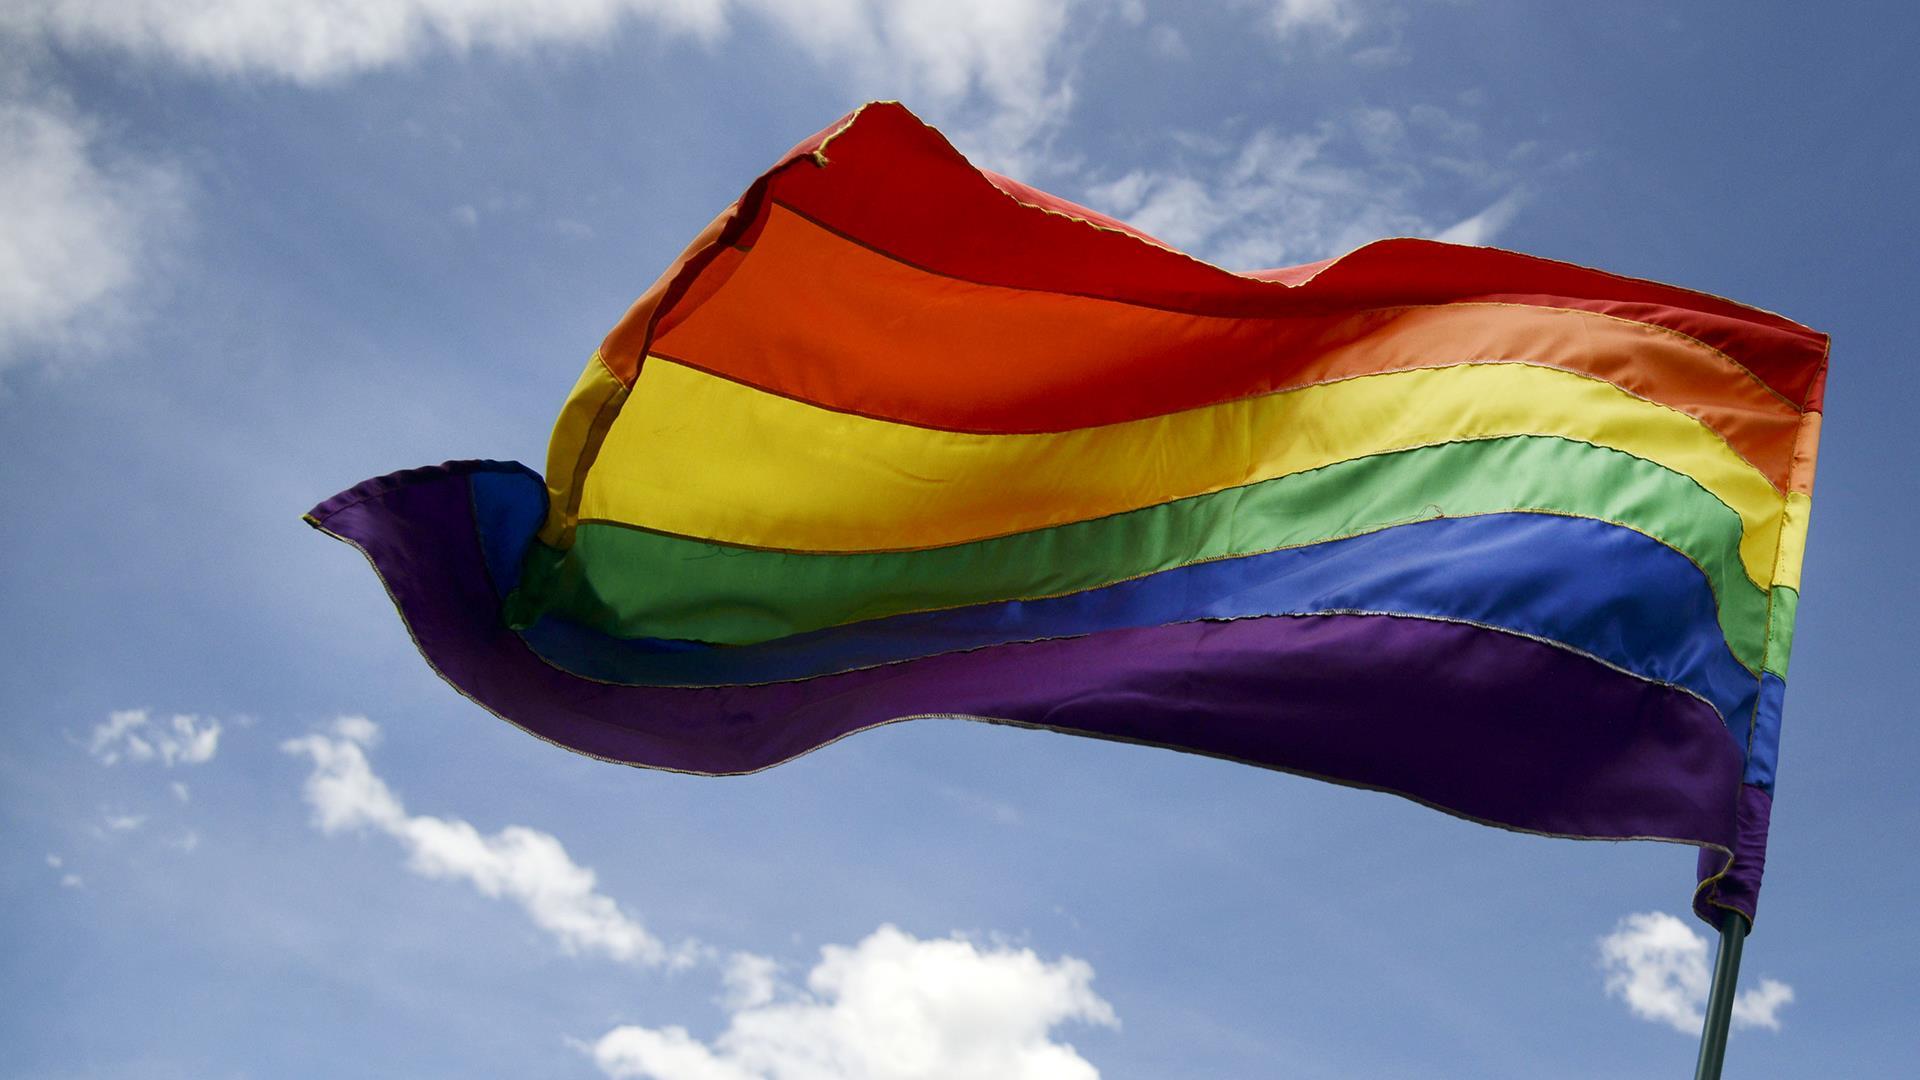 Controversy Flies Over Philadelphias New Pride Flag